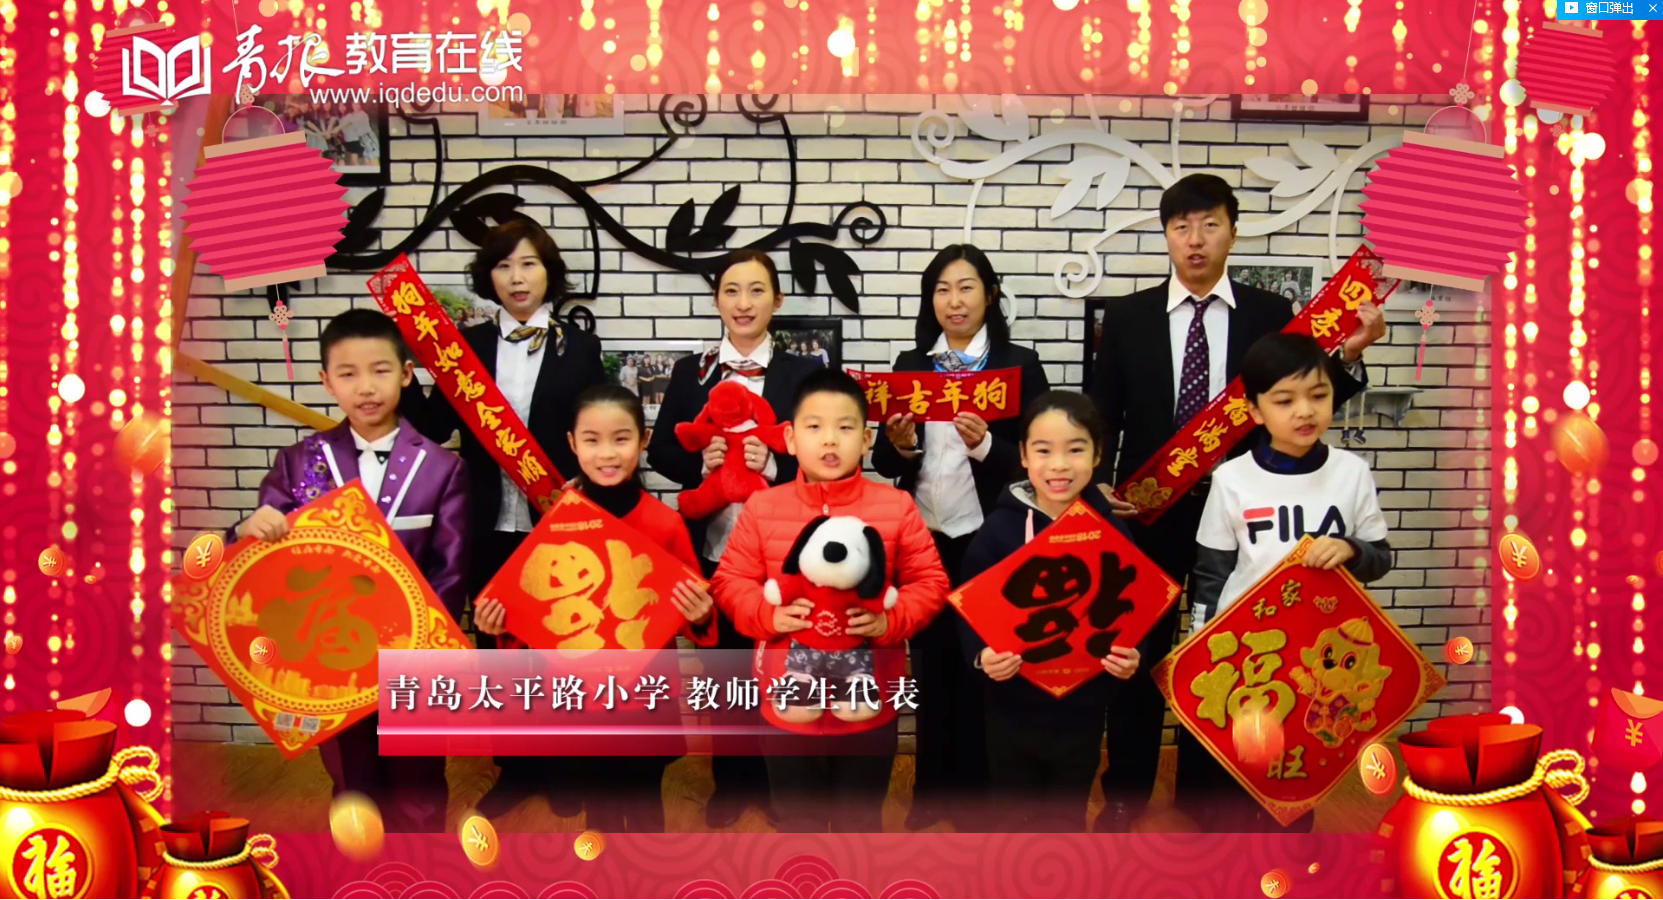 【视频】青岛太平路小学恭祝岛城市民新春快乐